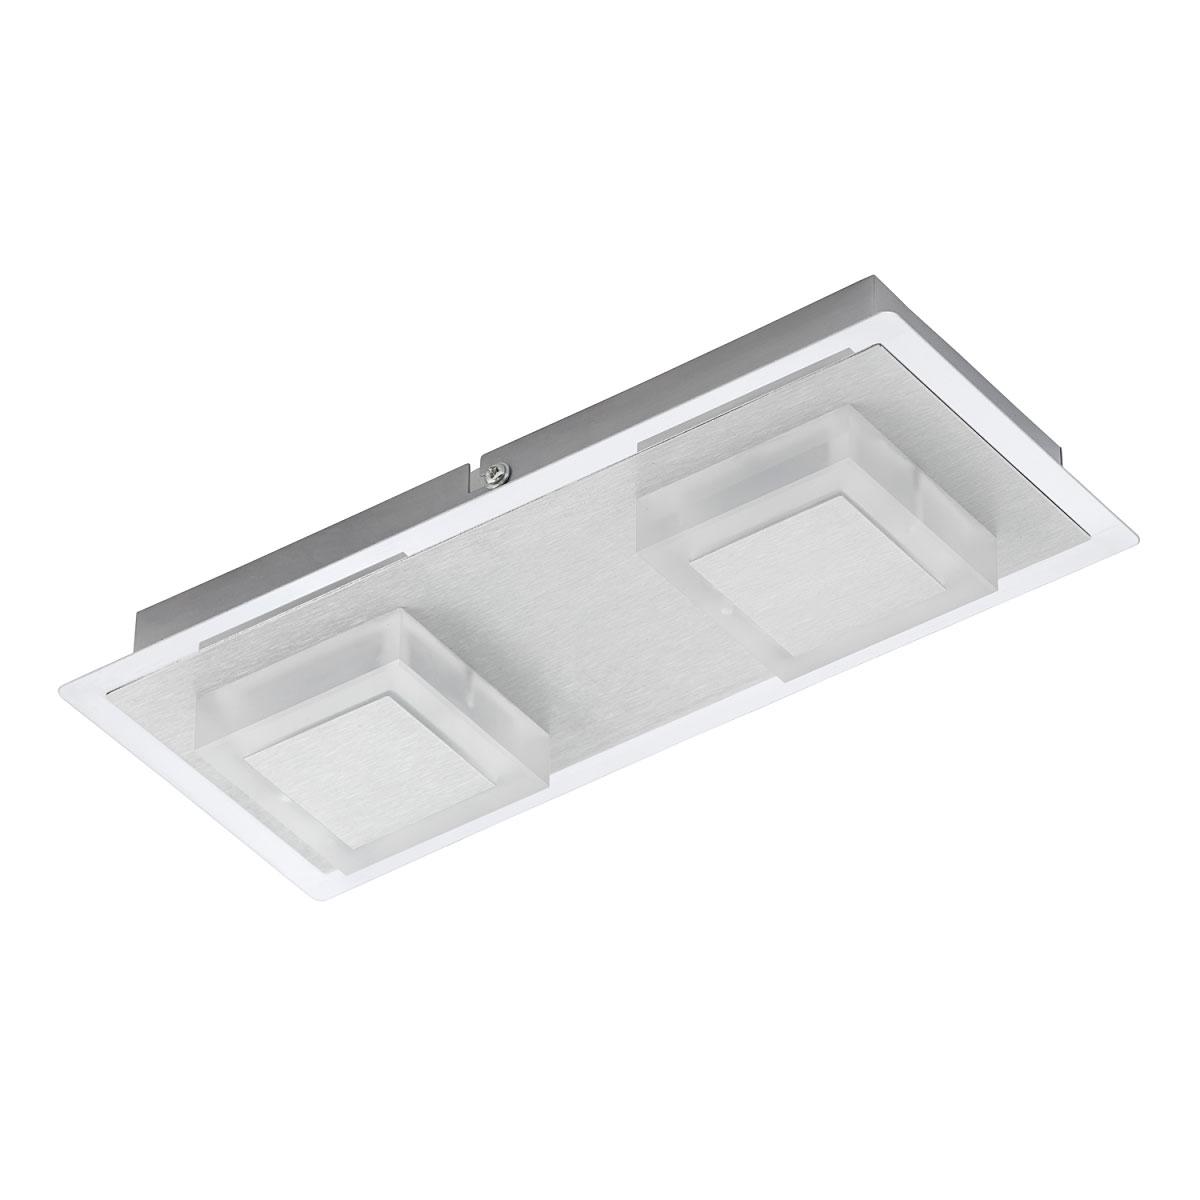 """Wandleuchten - LED Wandleuchte """"Metallo"""", Aluminium, Modul, 2 flammig  - Onlineshop Hellweg"""